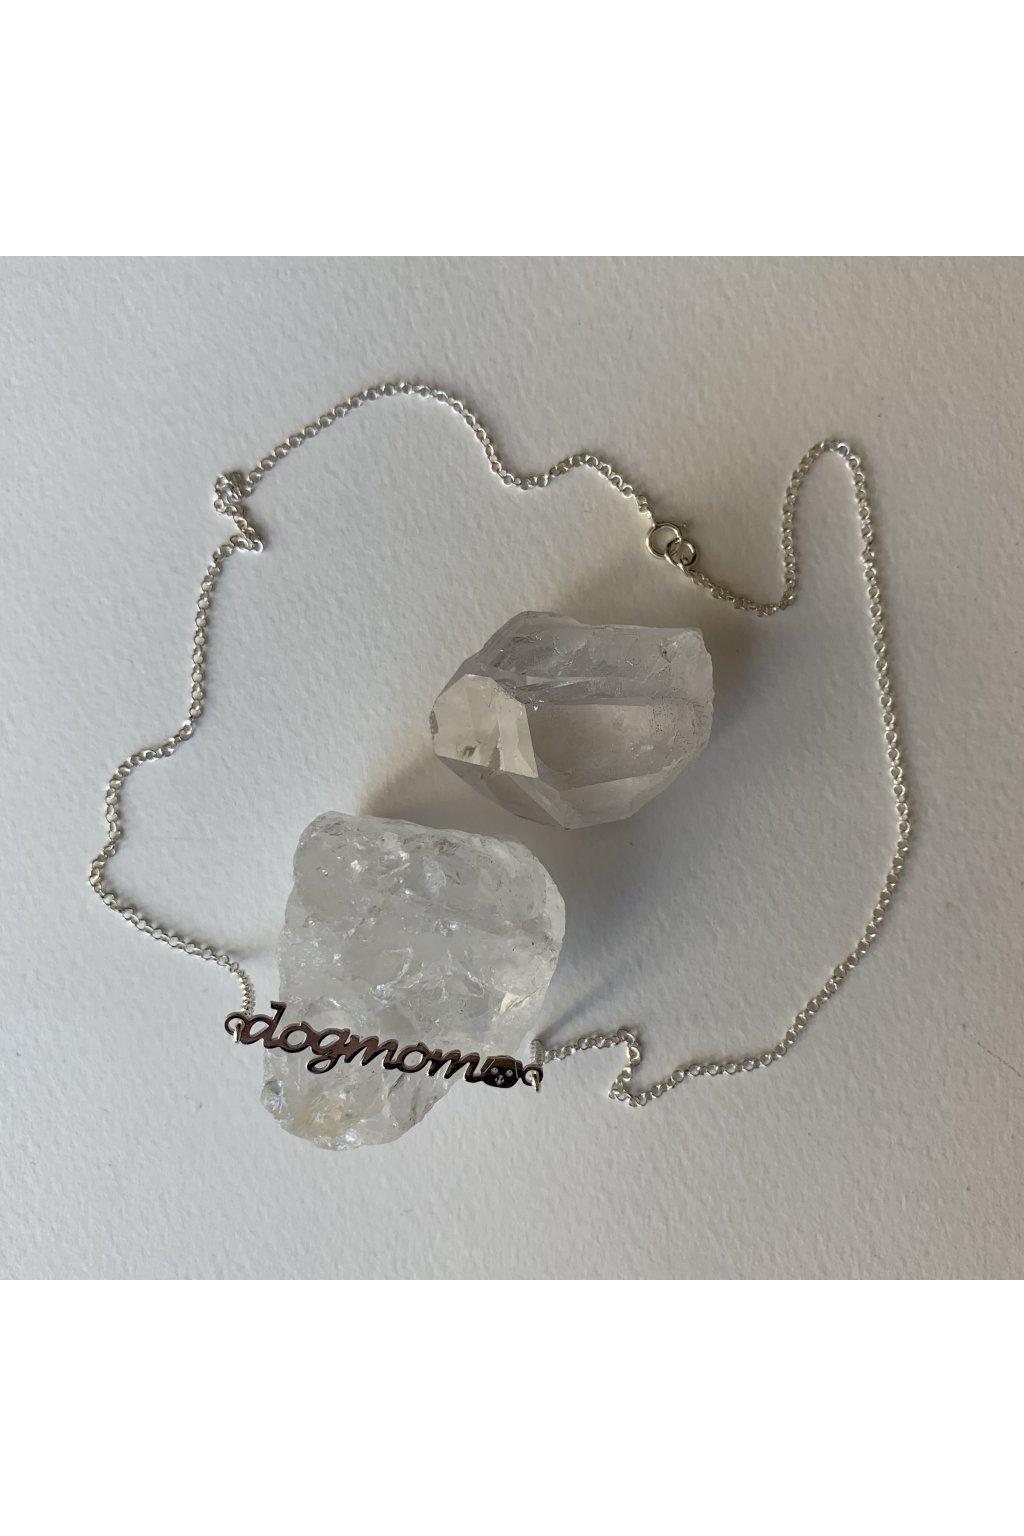 náhrdelník Dogmom stříbrný